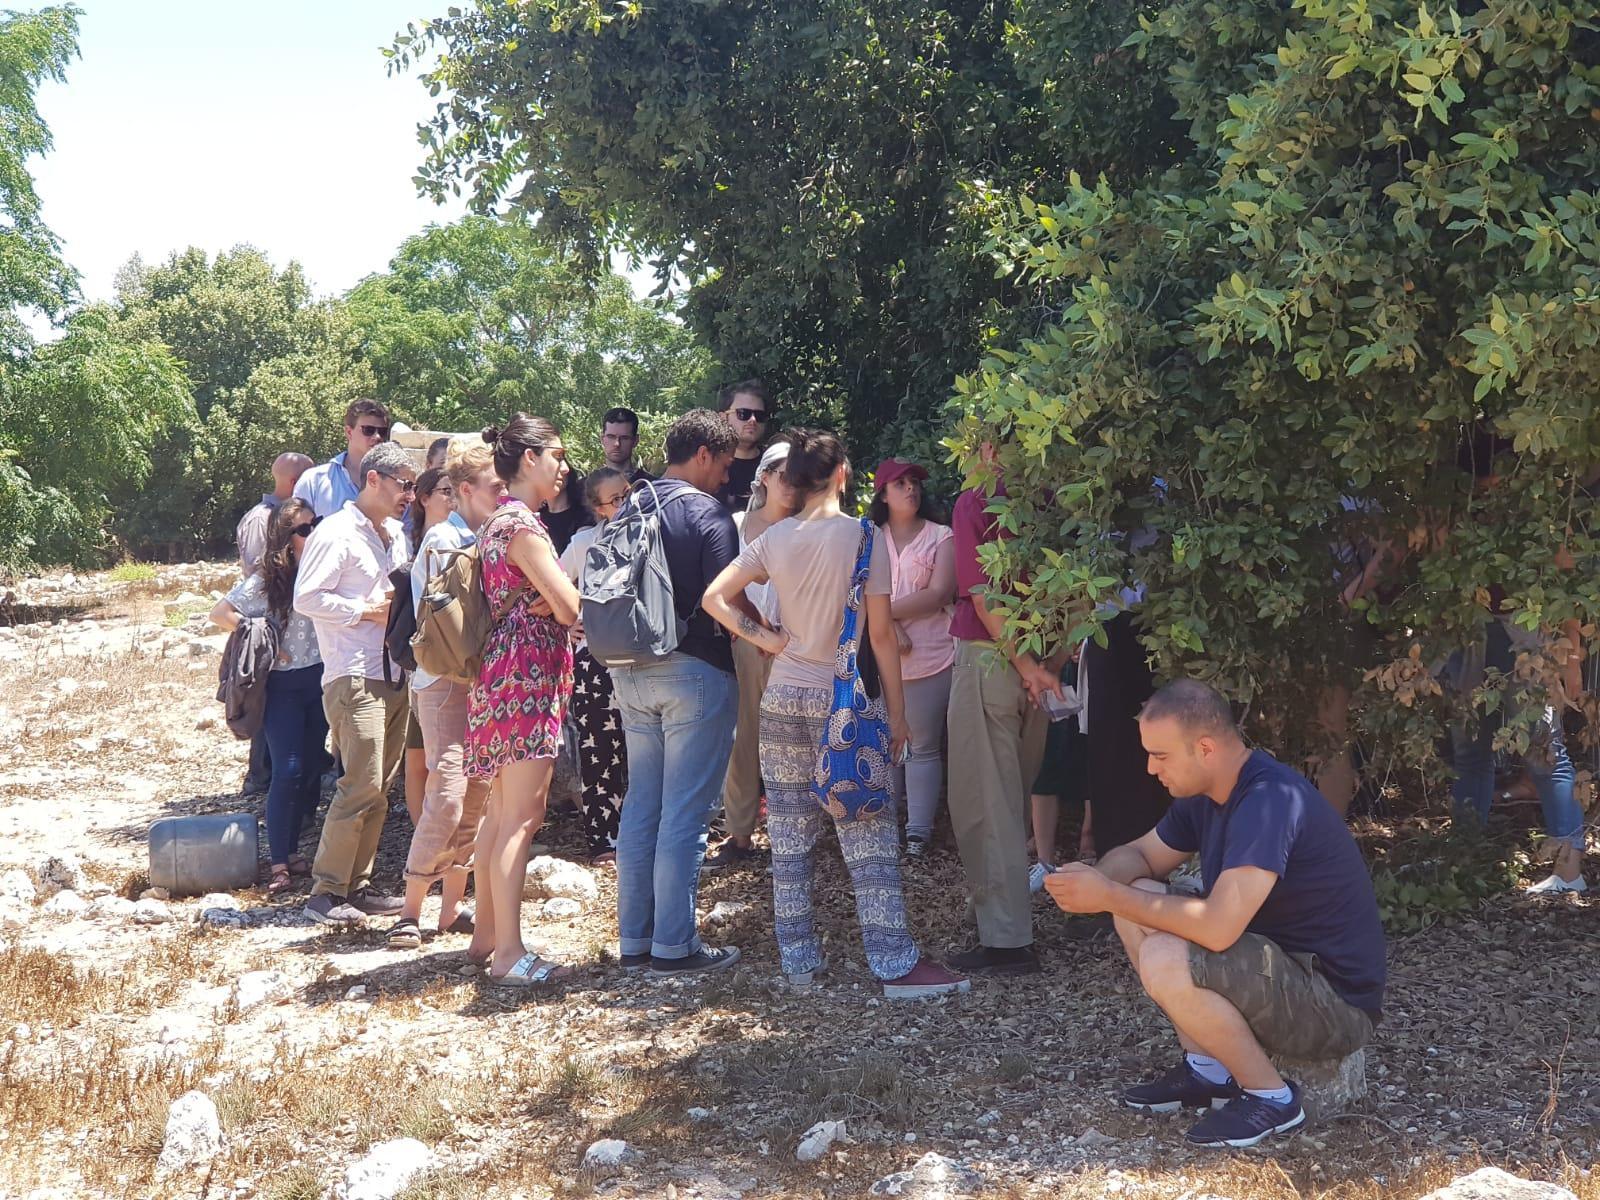 جمعية المهجرين تستقبل أكاديميين أجانب في صفورية المهجرة